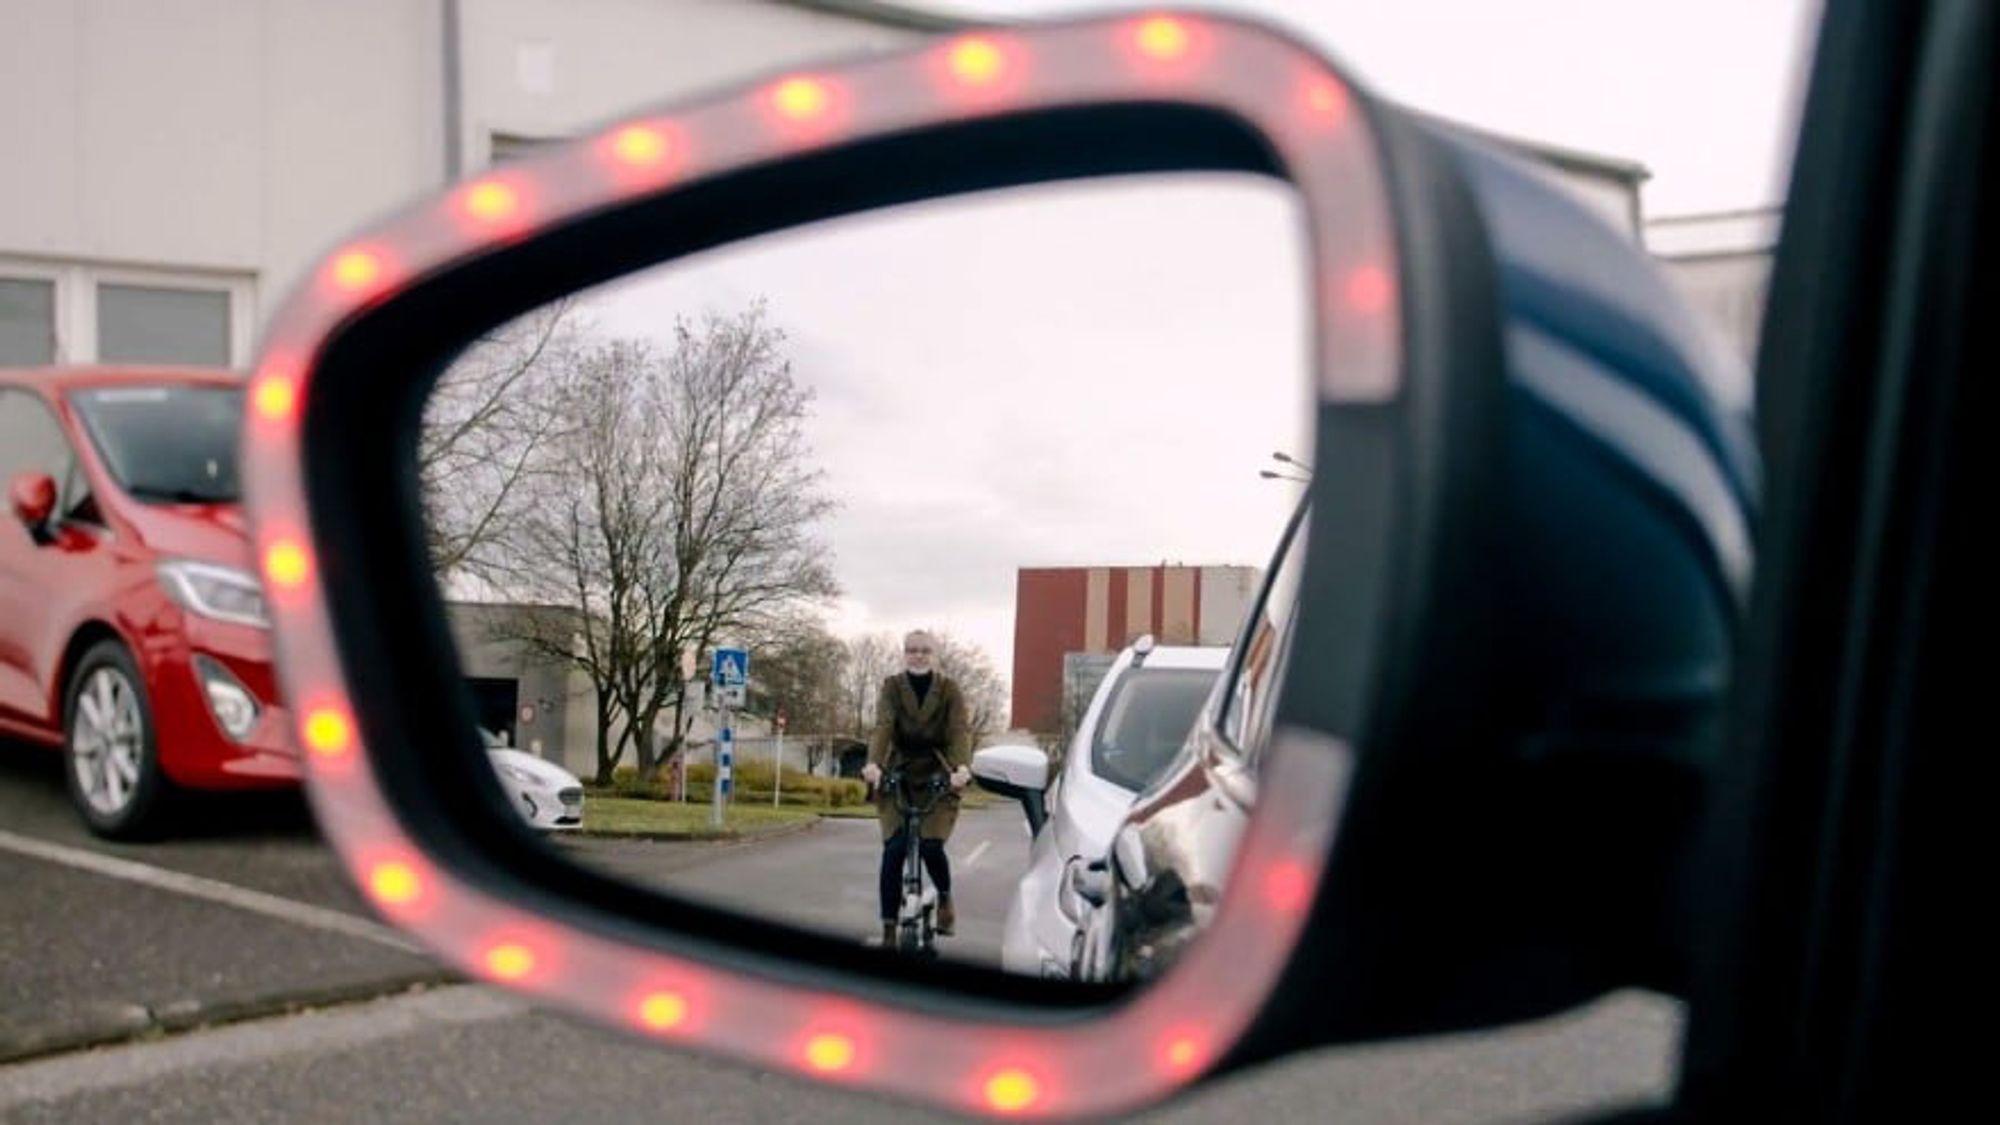 Røde blinkende lys på speilet og en høy alarm skal varsle bilførere og passasjerer om at det er en sykkel innenfor faresonen til bilen.